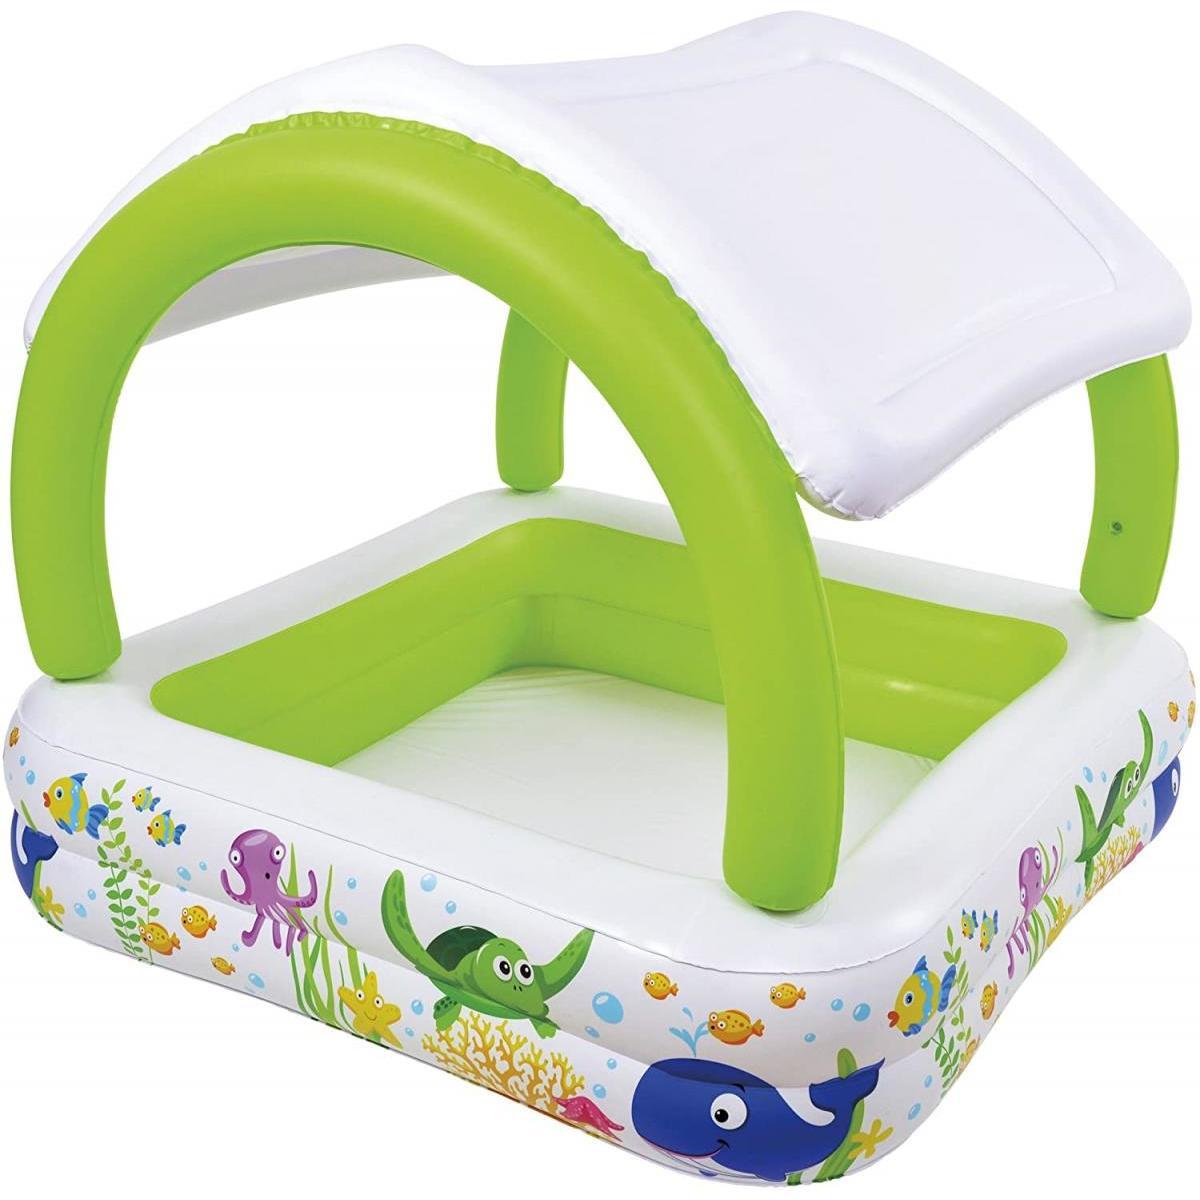 プール 家庭用プール 1.4m 屋根付き 日よけ 子供用 ファミリープール 人気 水遊び 庭 ベランダ サンシェード シーワールドスクエアプール